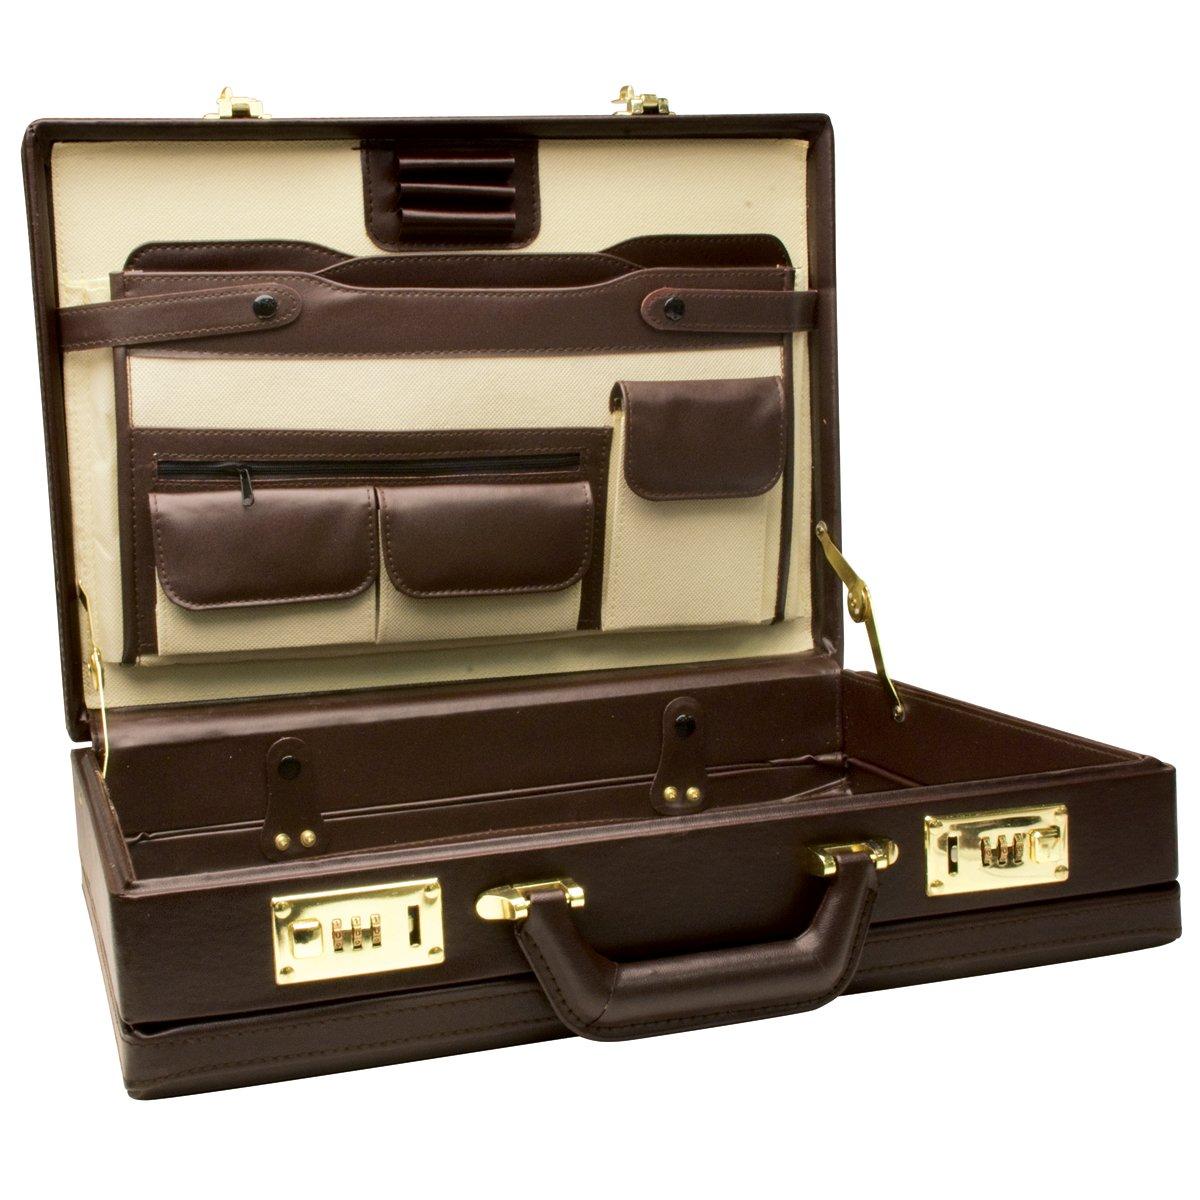 Briefe Case : Vintage men s leather business bag briefcase messenger